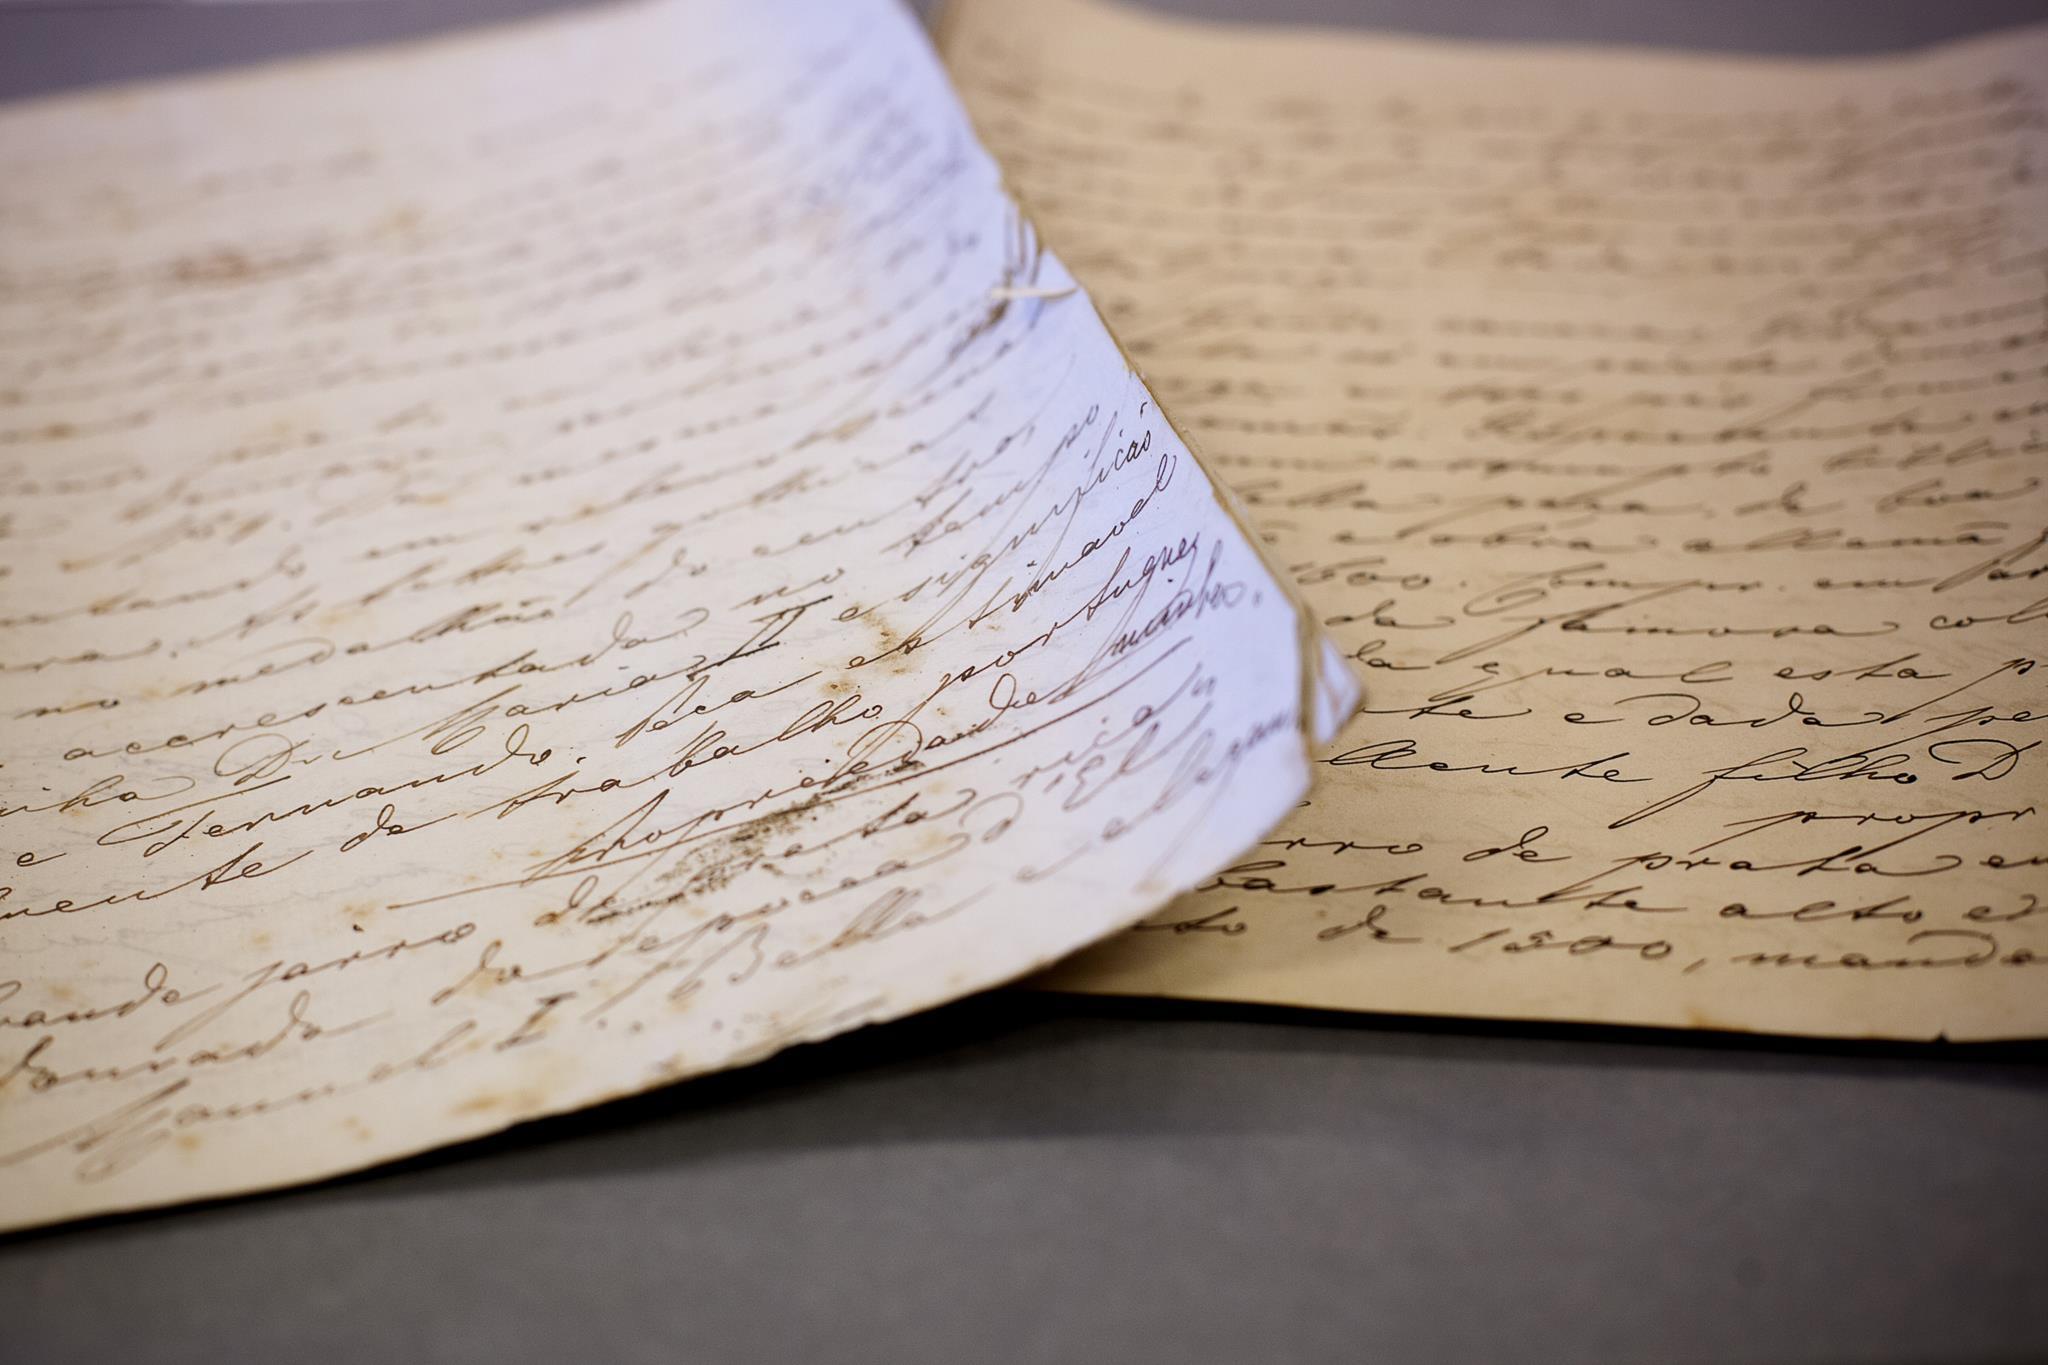 PÚBLICO - Este manuscrito de um rei mostra que um príncipe também pode ser enganado